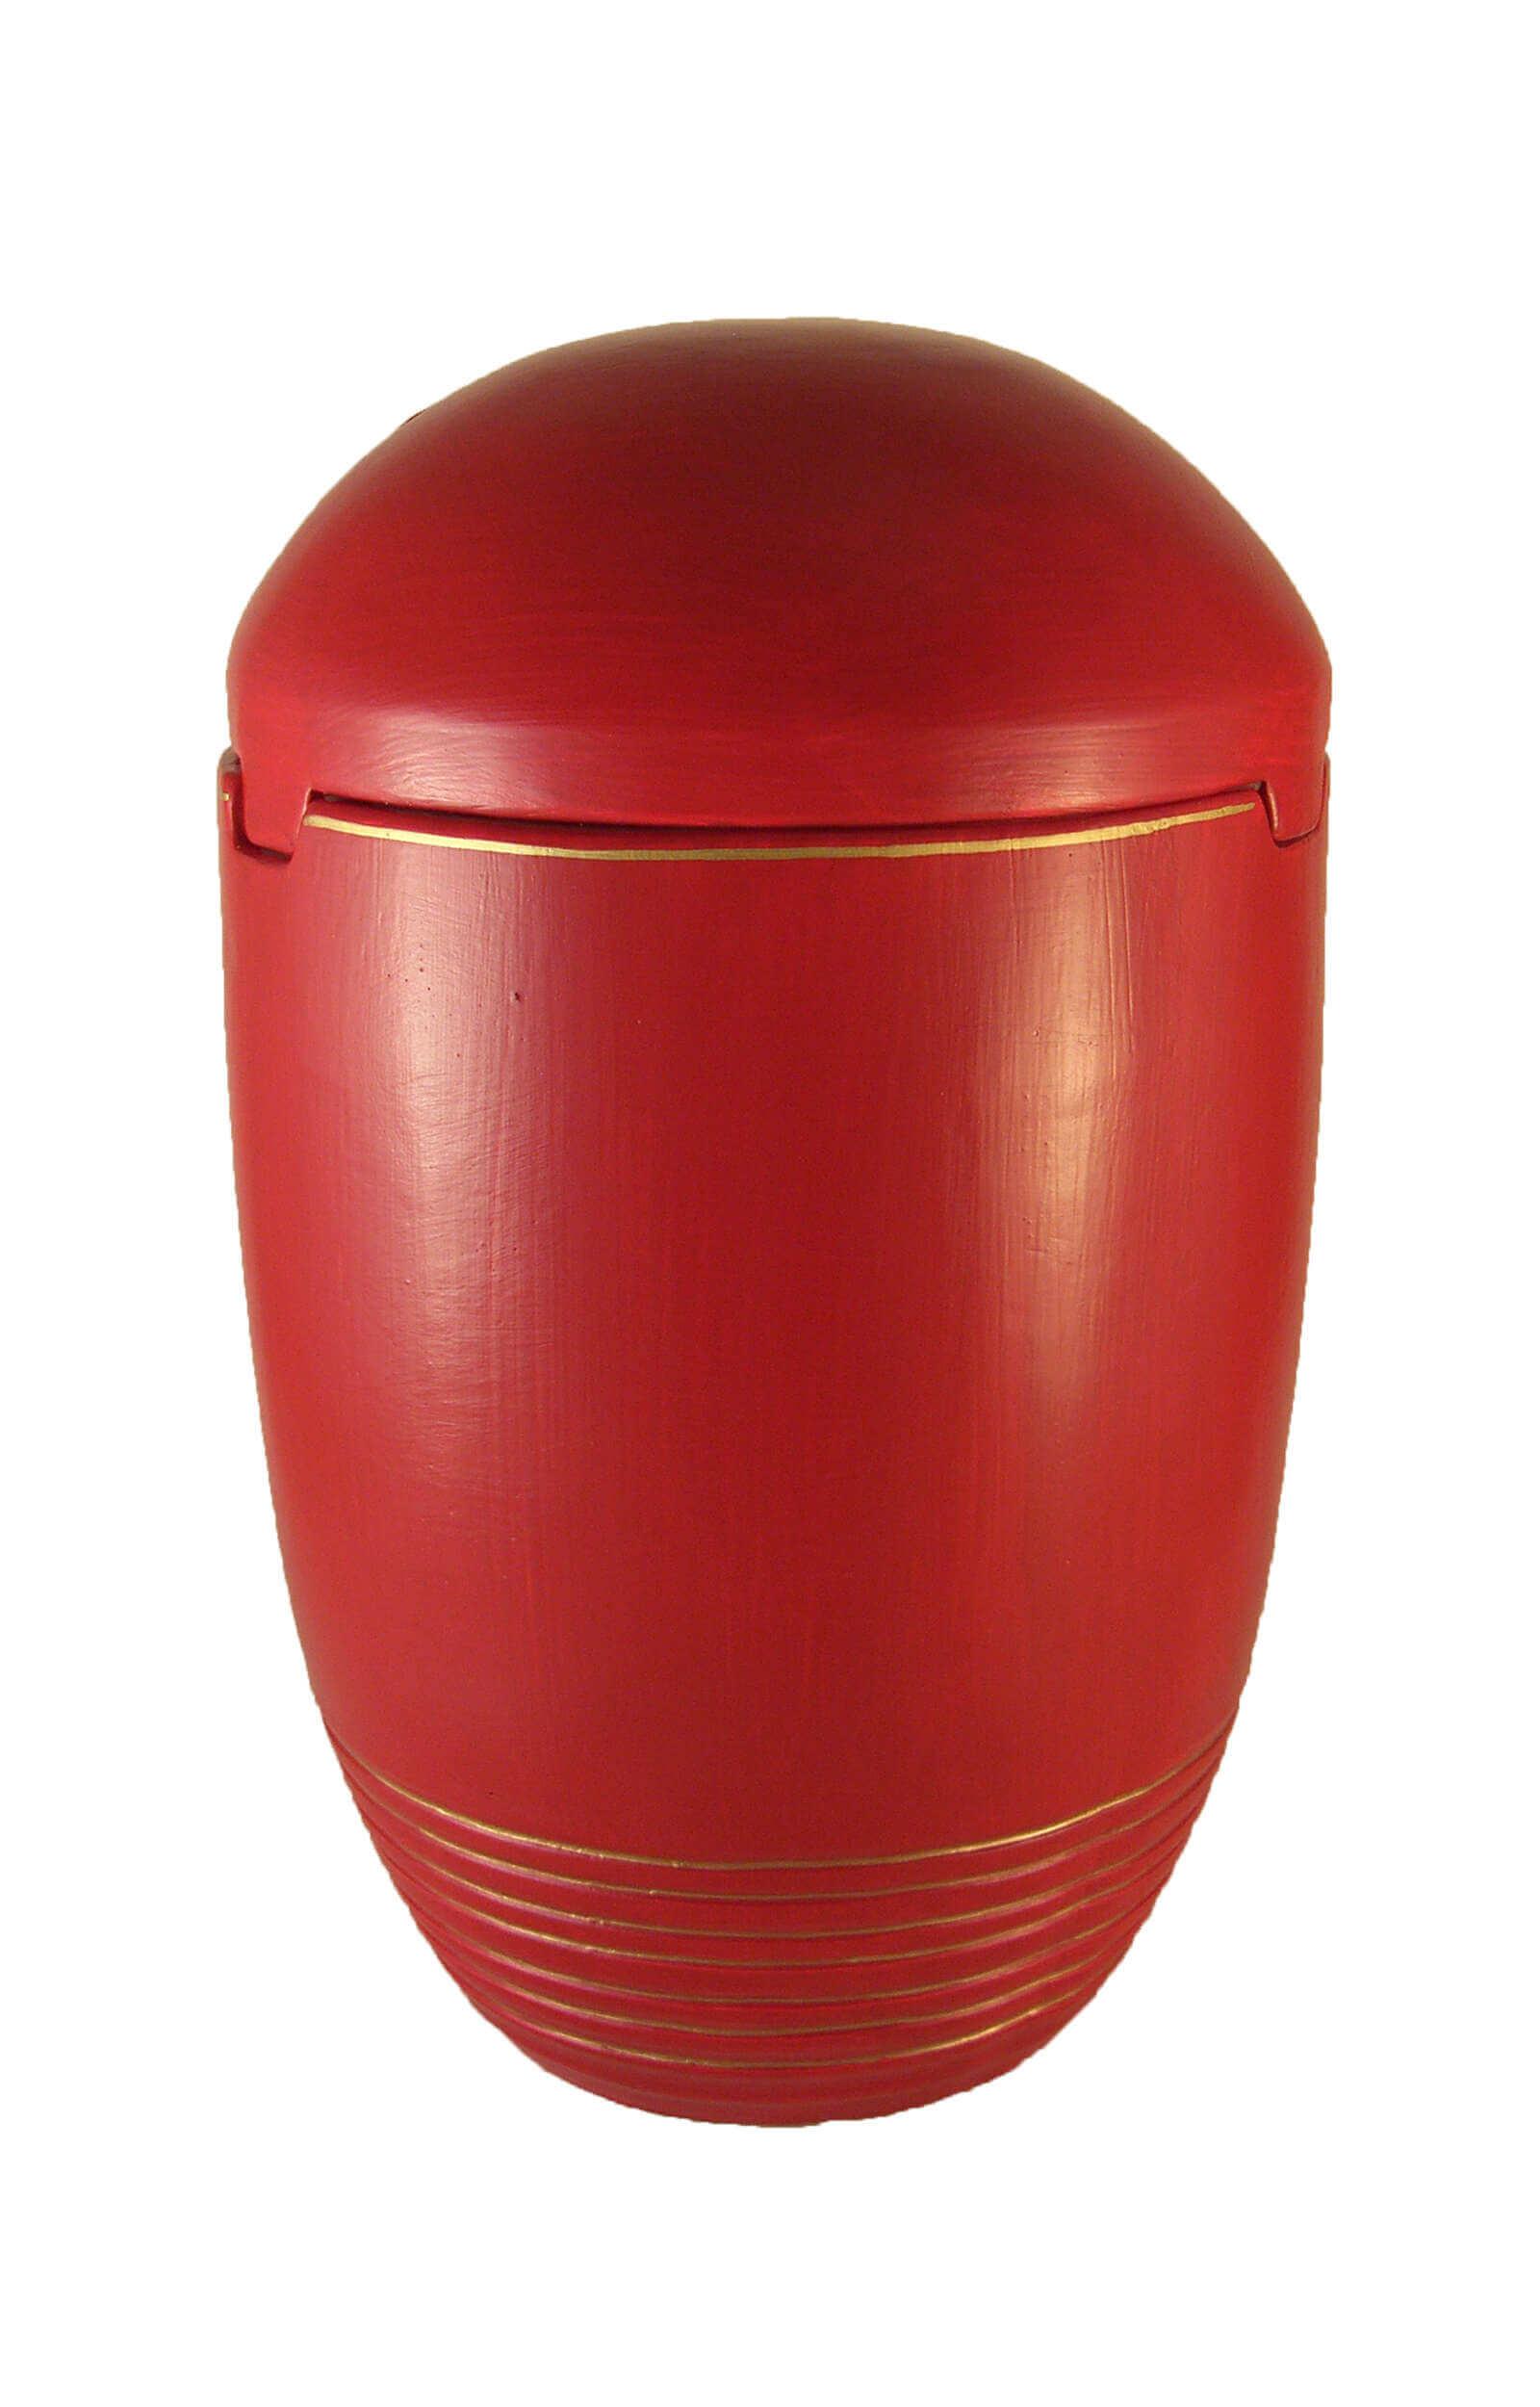 en SK7020 sea urn biodigradable red gold decor funeral urns on sale